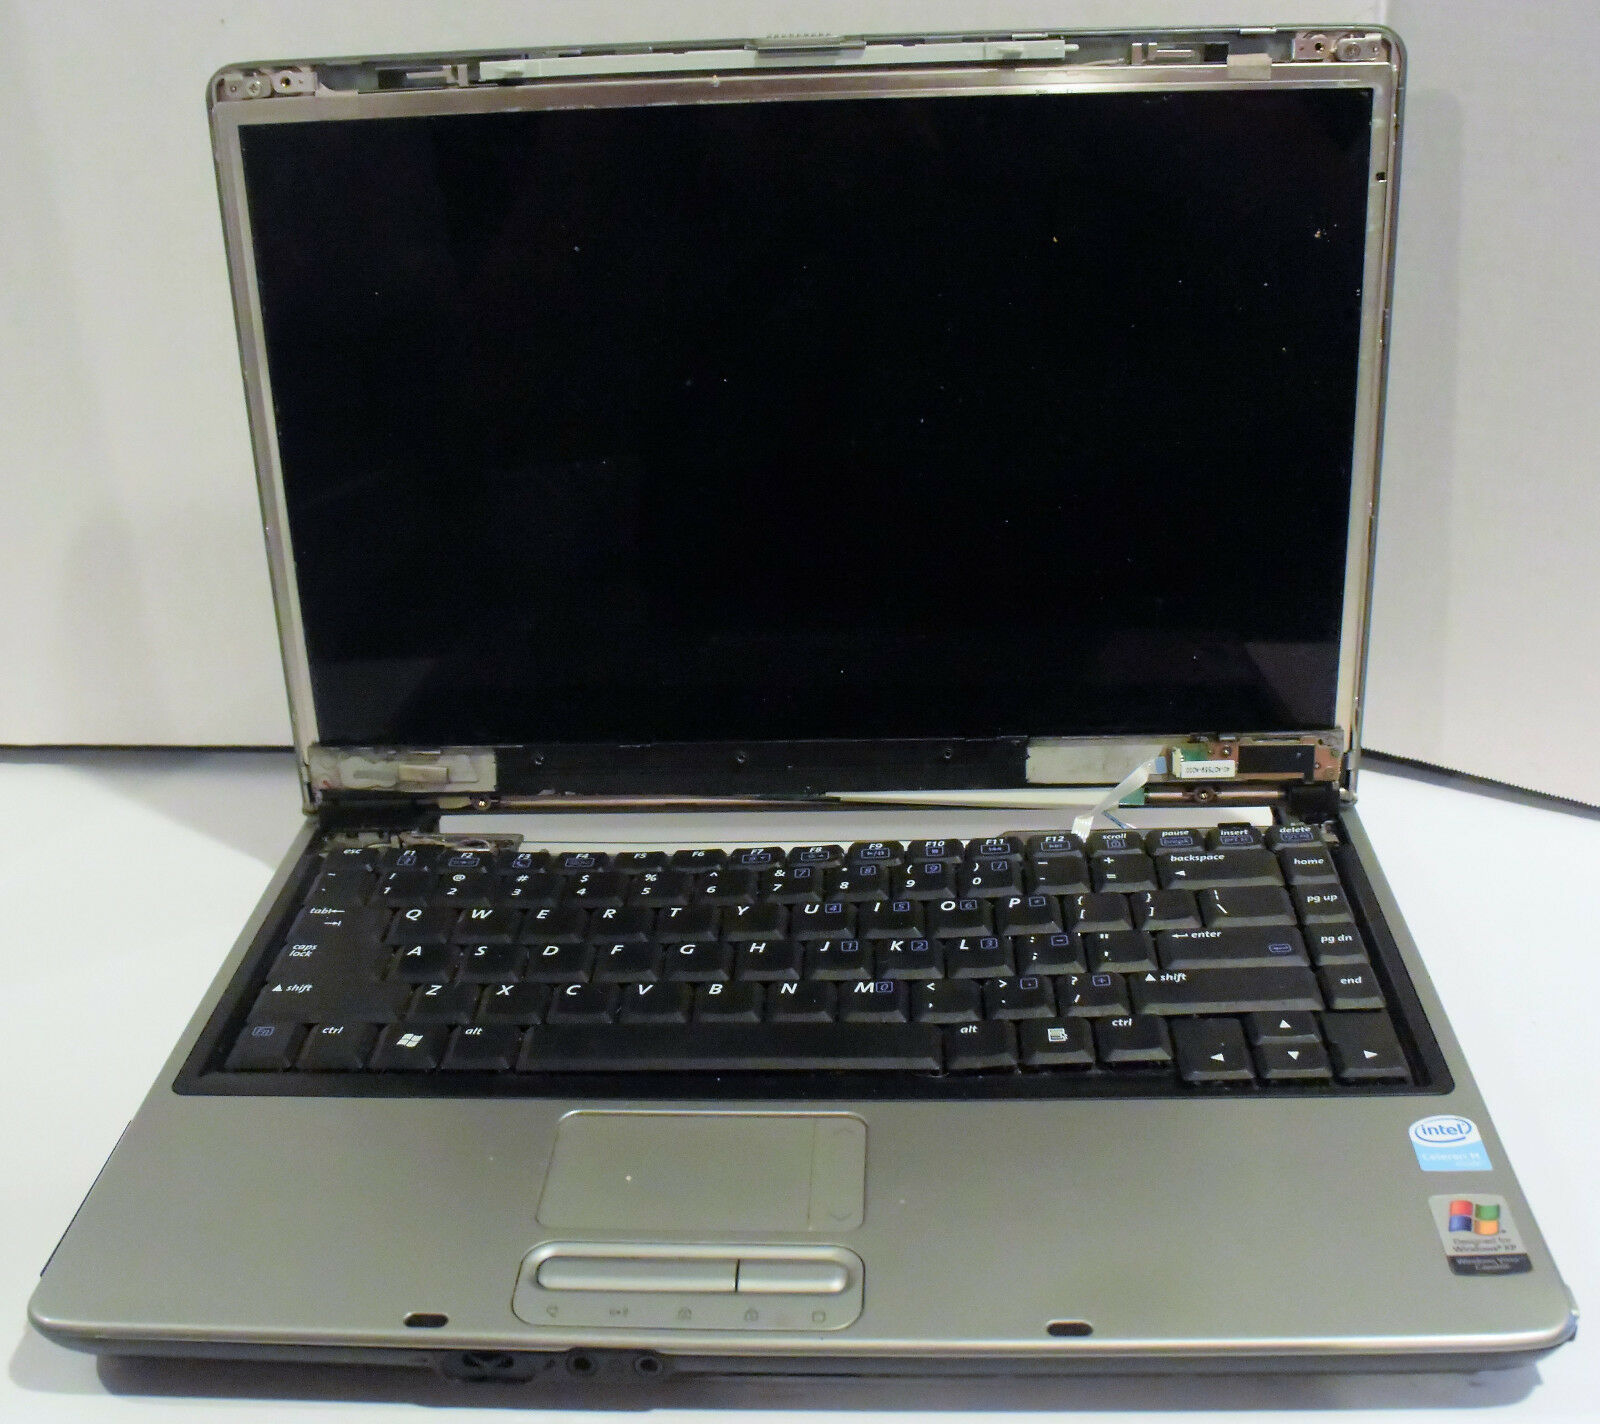 Gateway W323-UI1 14.1'' Notebook (Intel Celeron M) - Parts/Repair AS IS